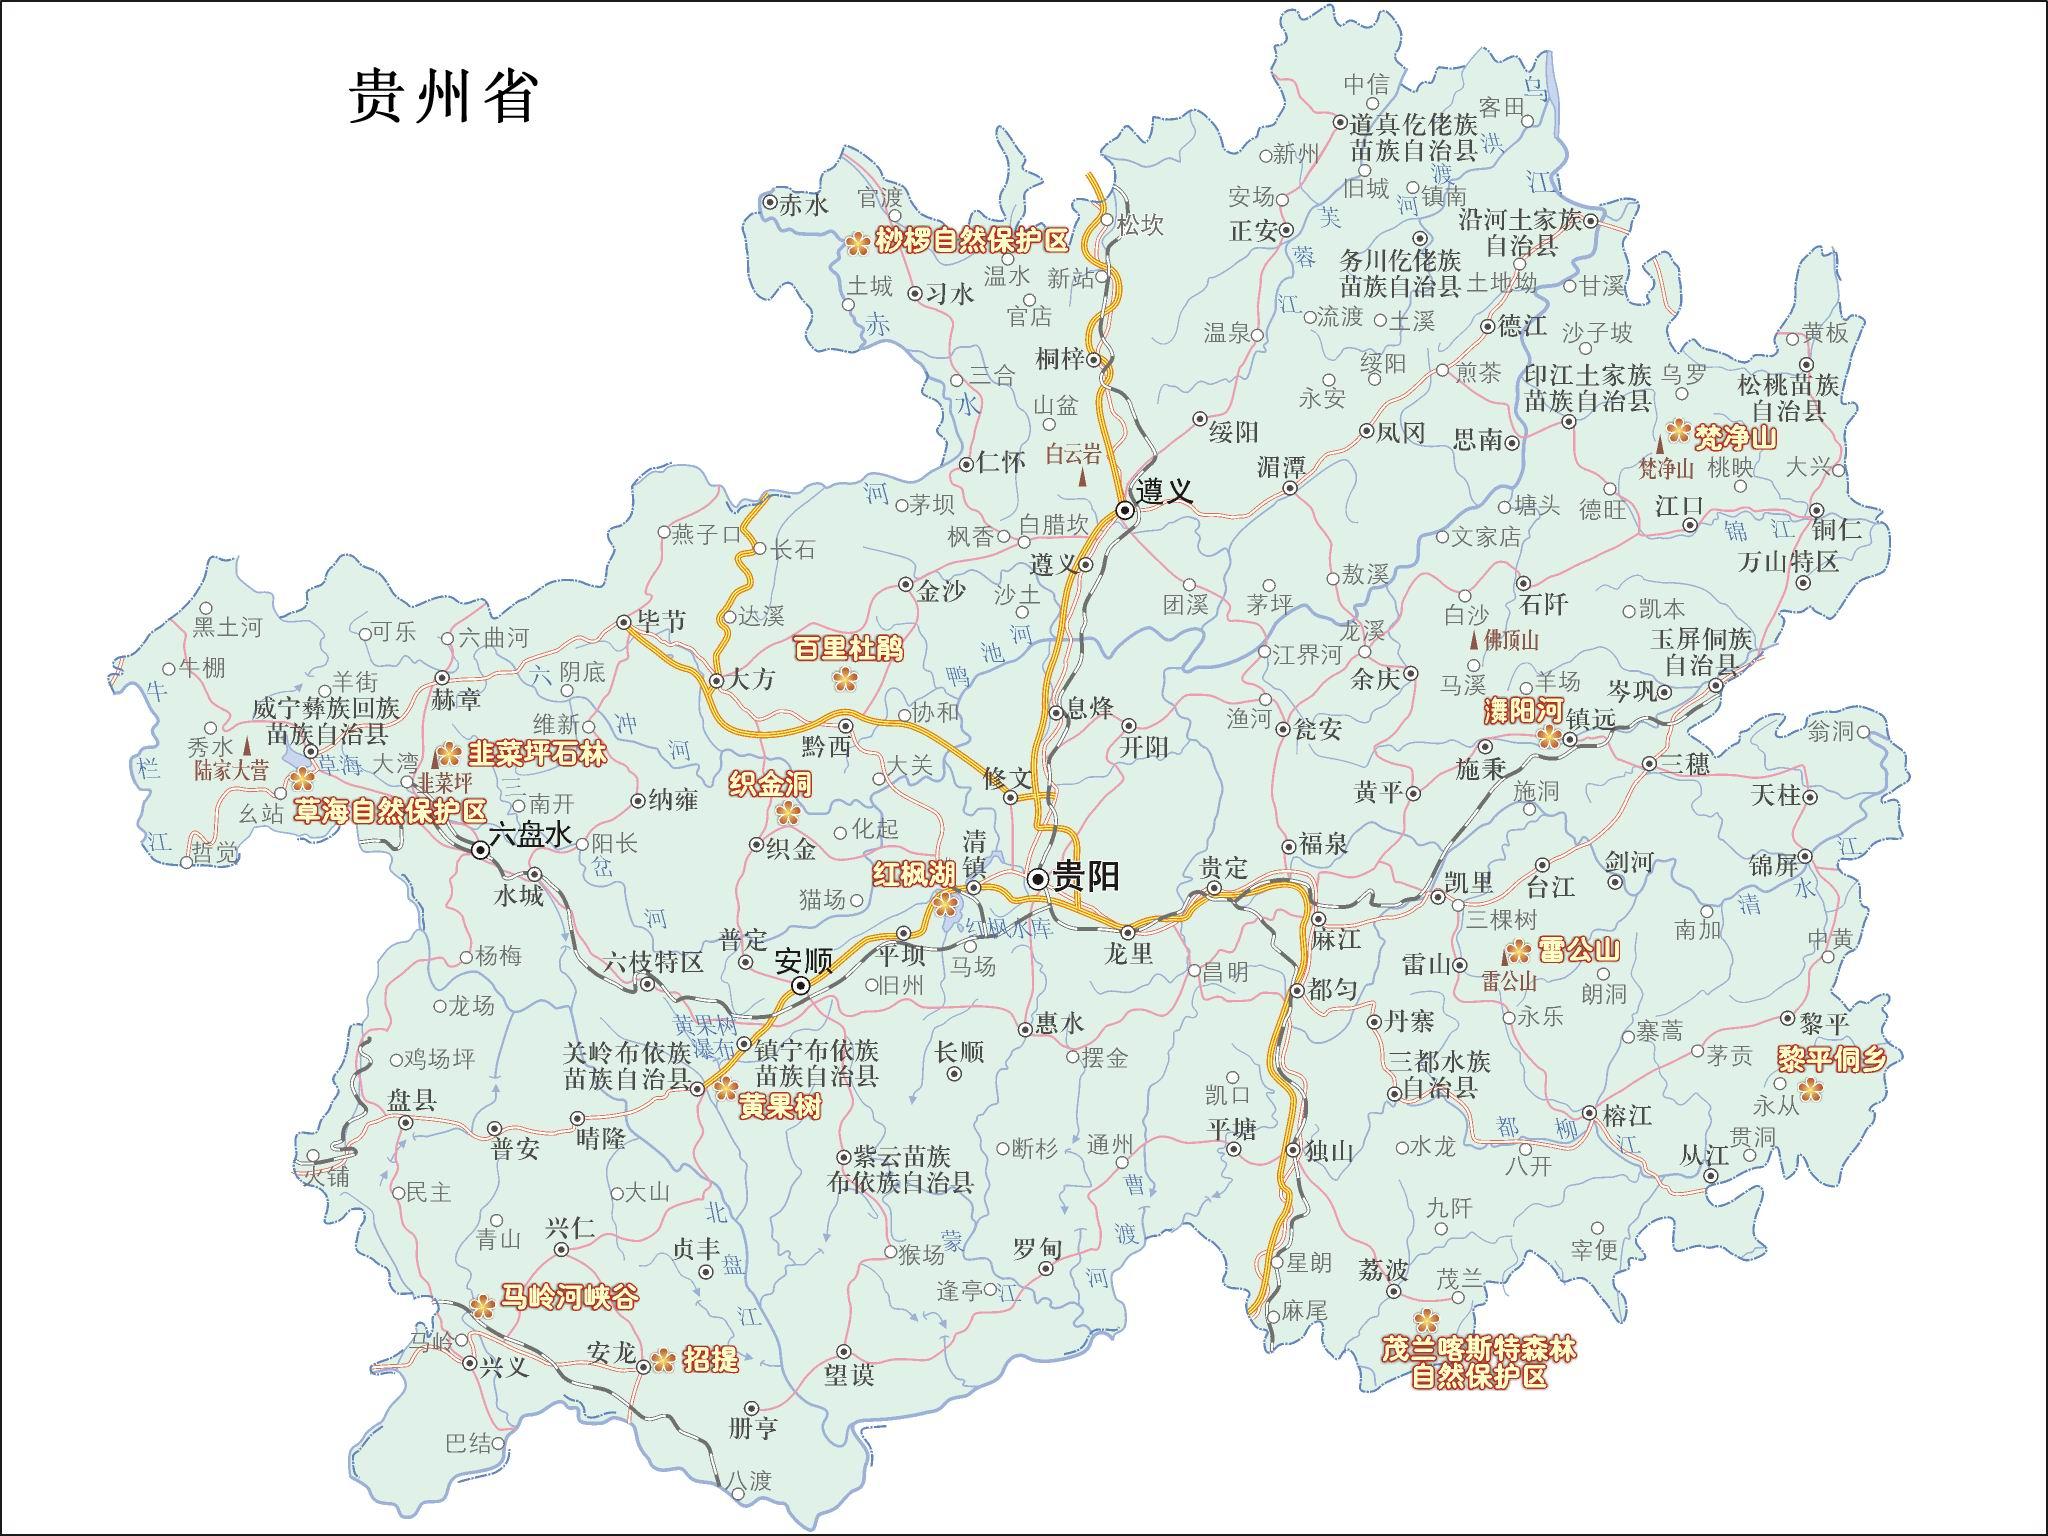 贵州gdp排名_贵州旅游十大景点排名